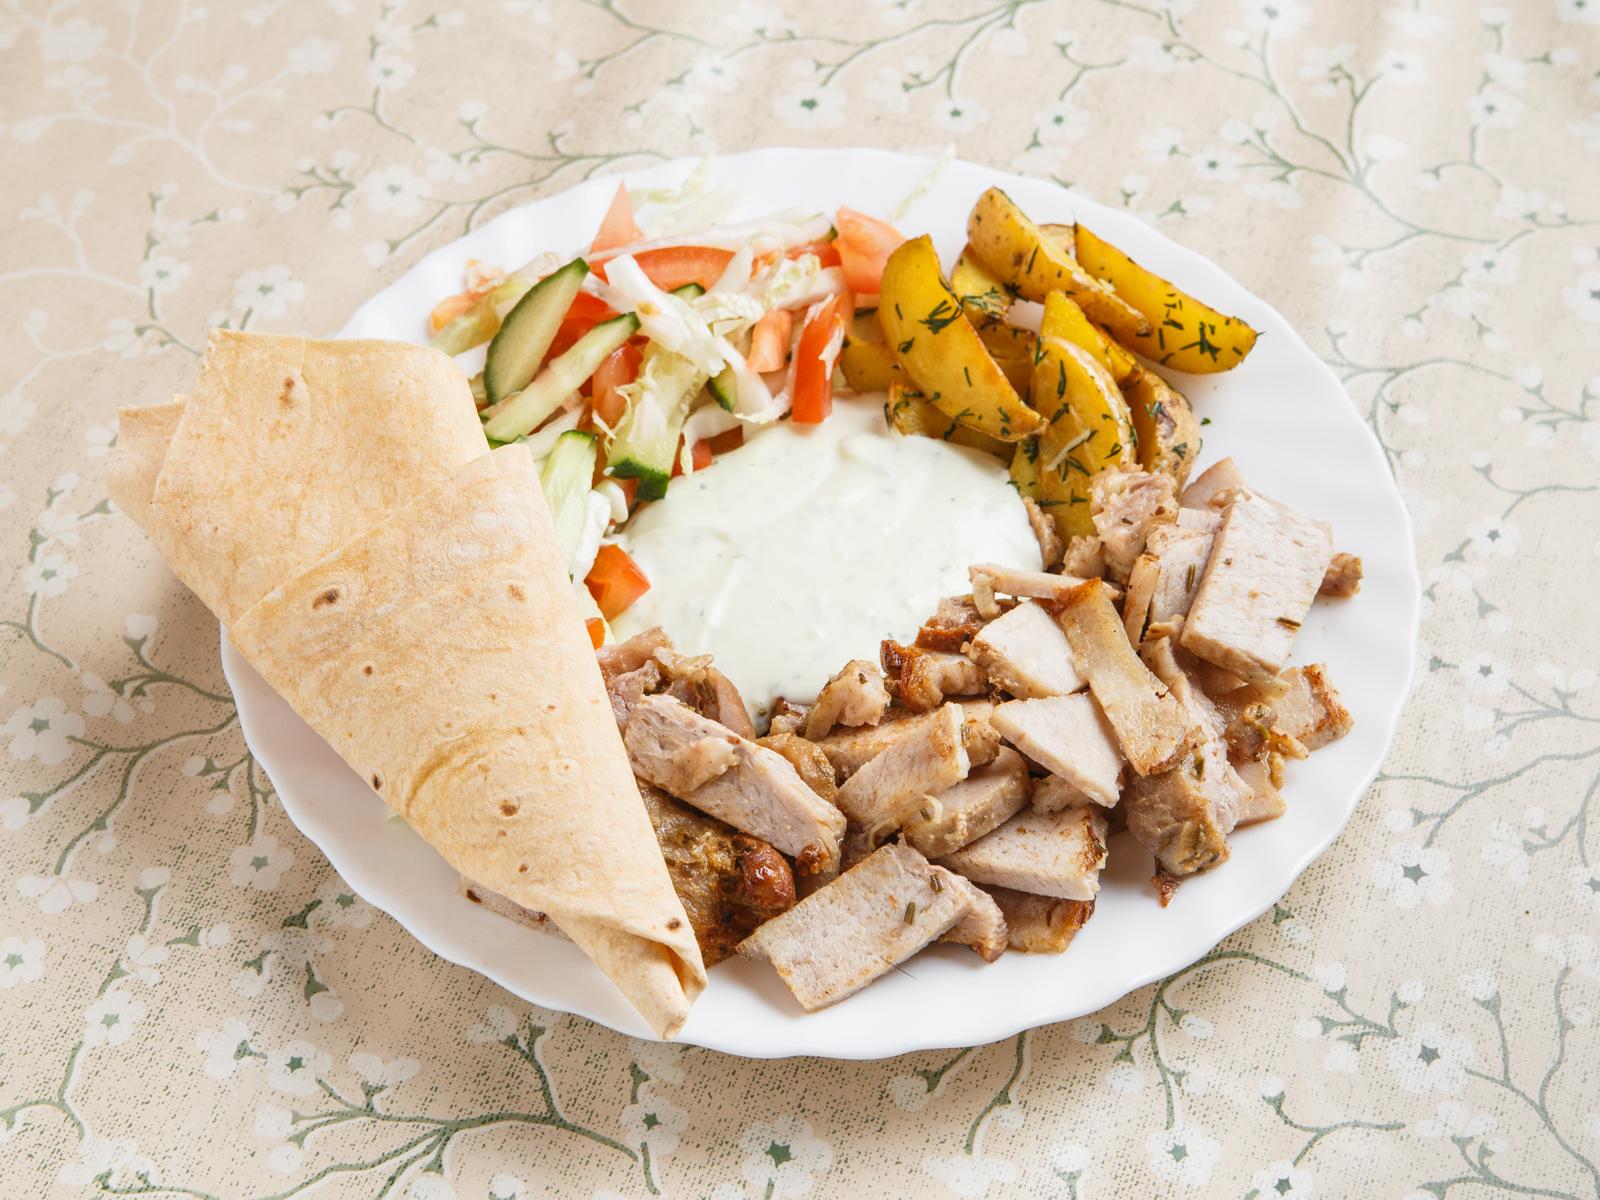 Шаверма со свининой на тарелке